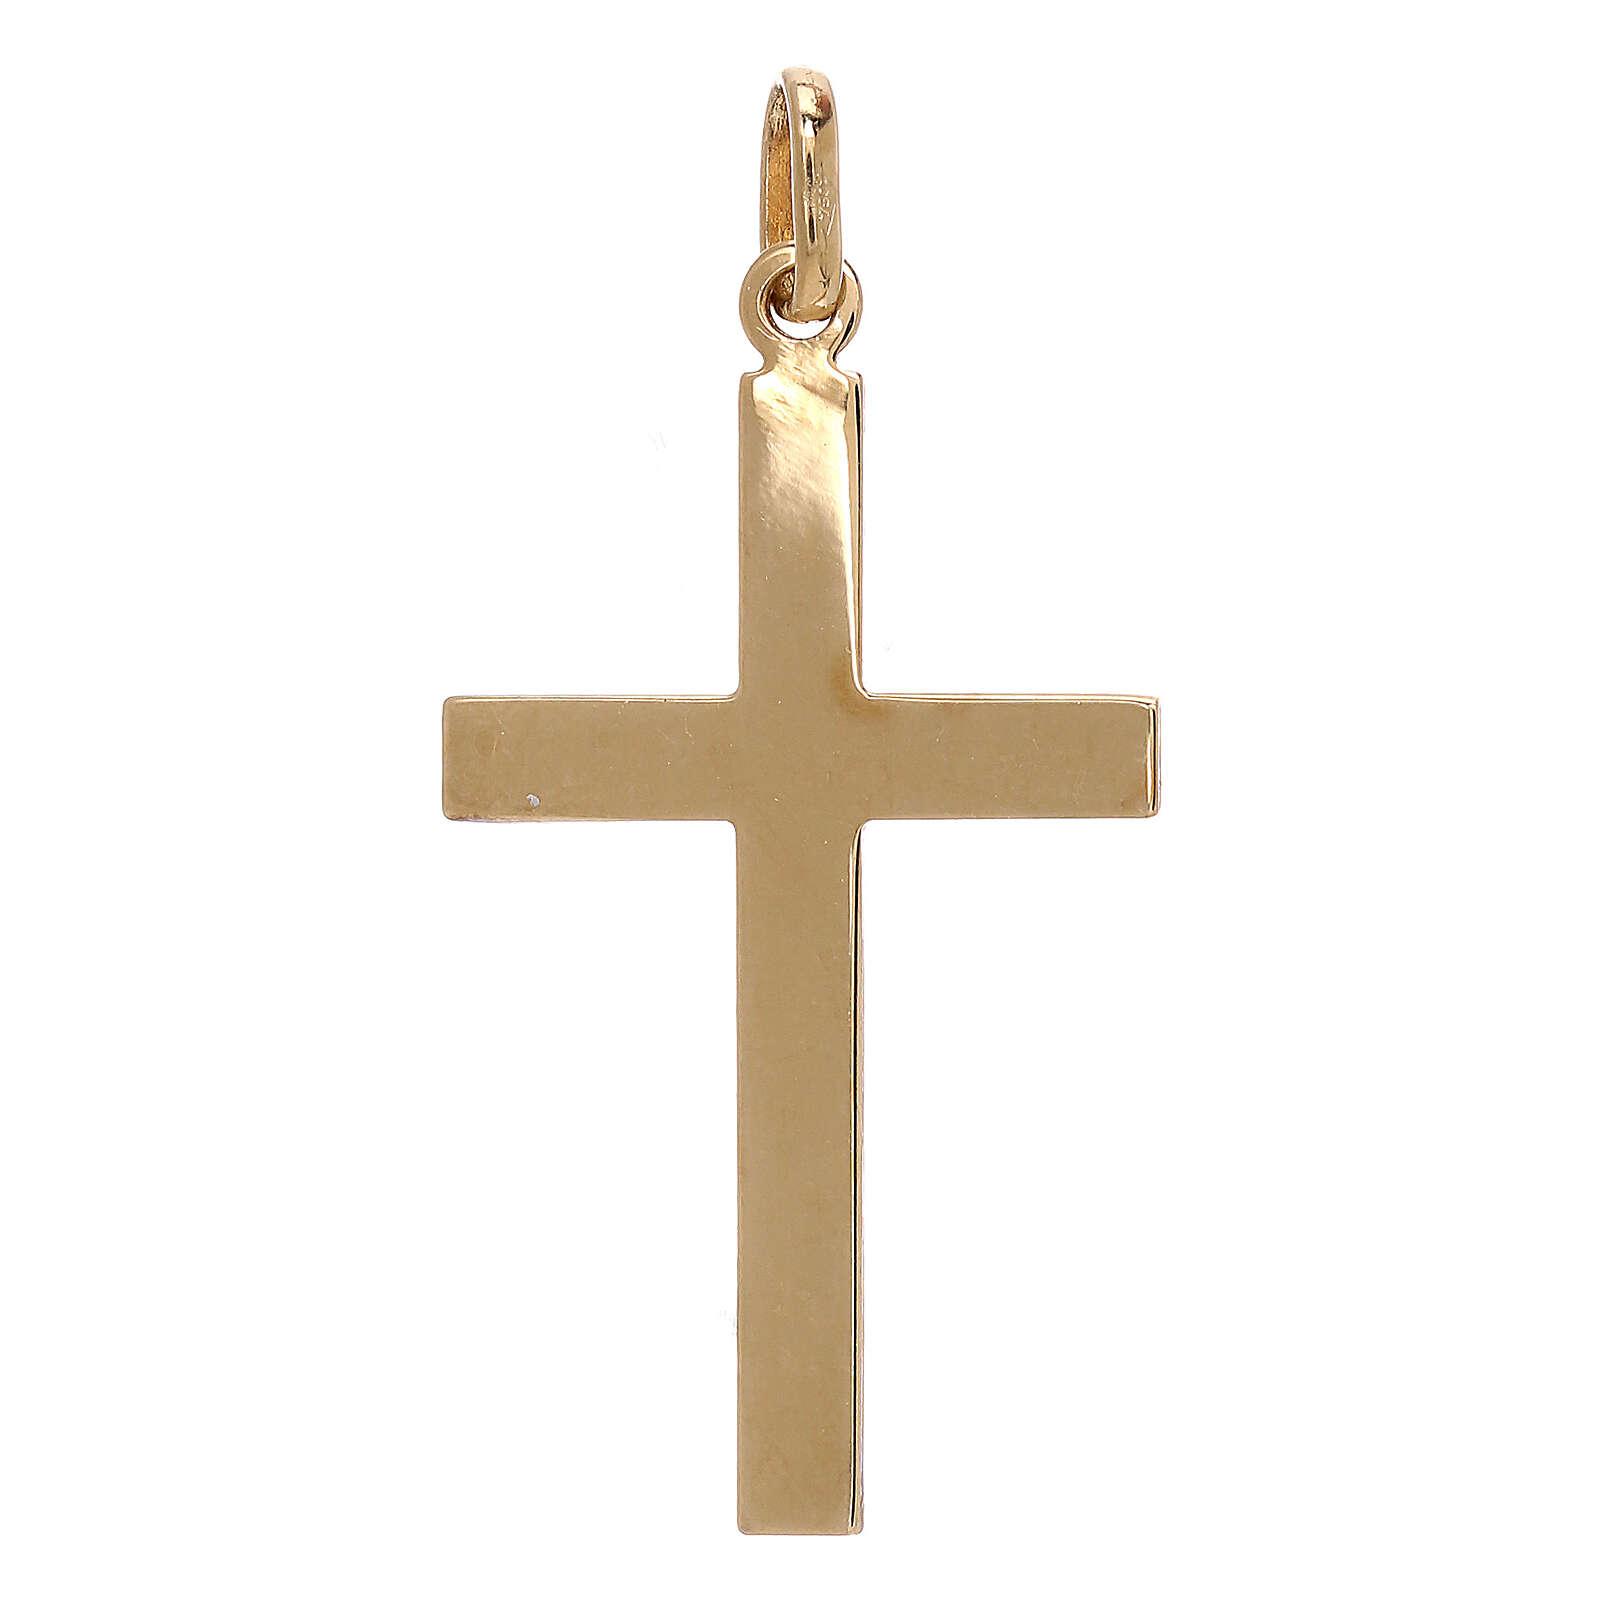 Pendente croce rilievi bicolore oro 750/00 1,1 gr 4